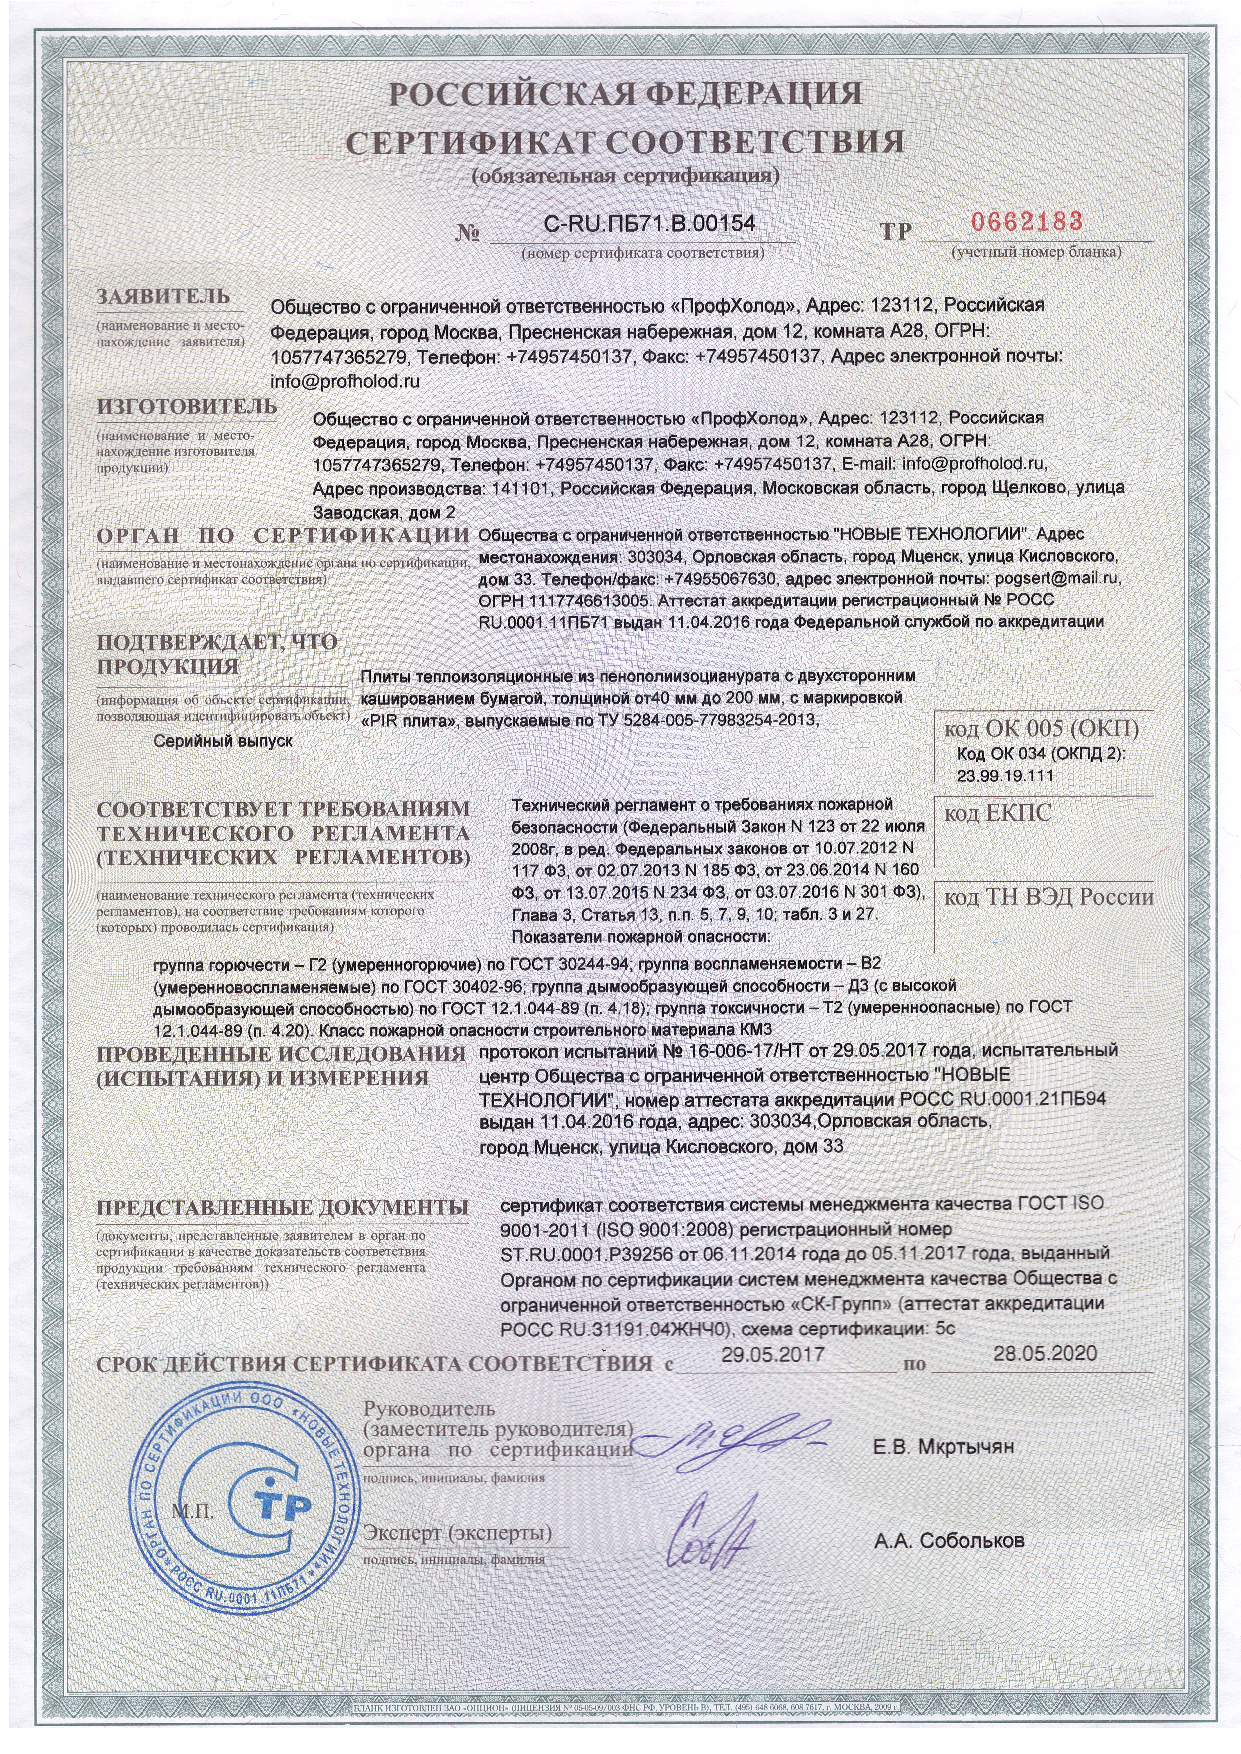 Что такое сертификат об обучении, чем он отличается от диплома